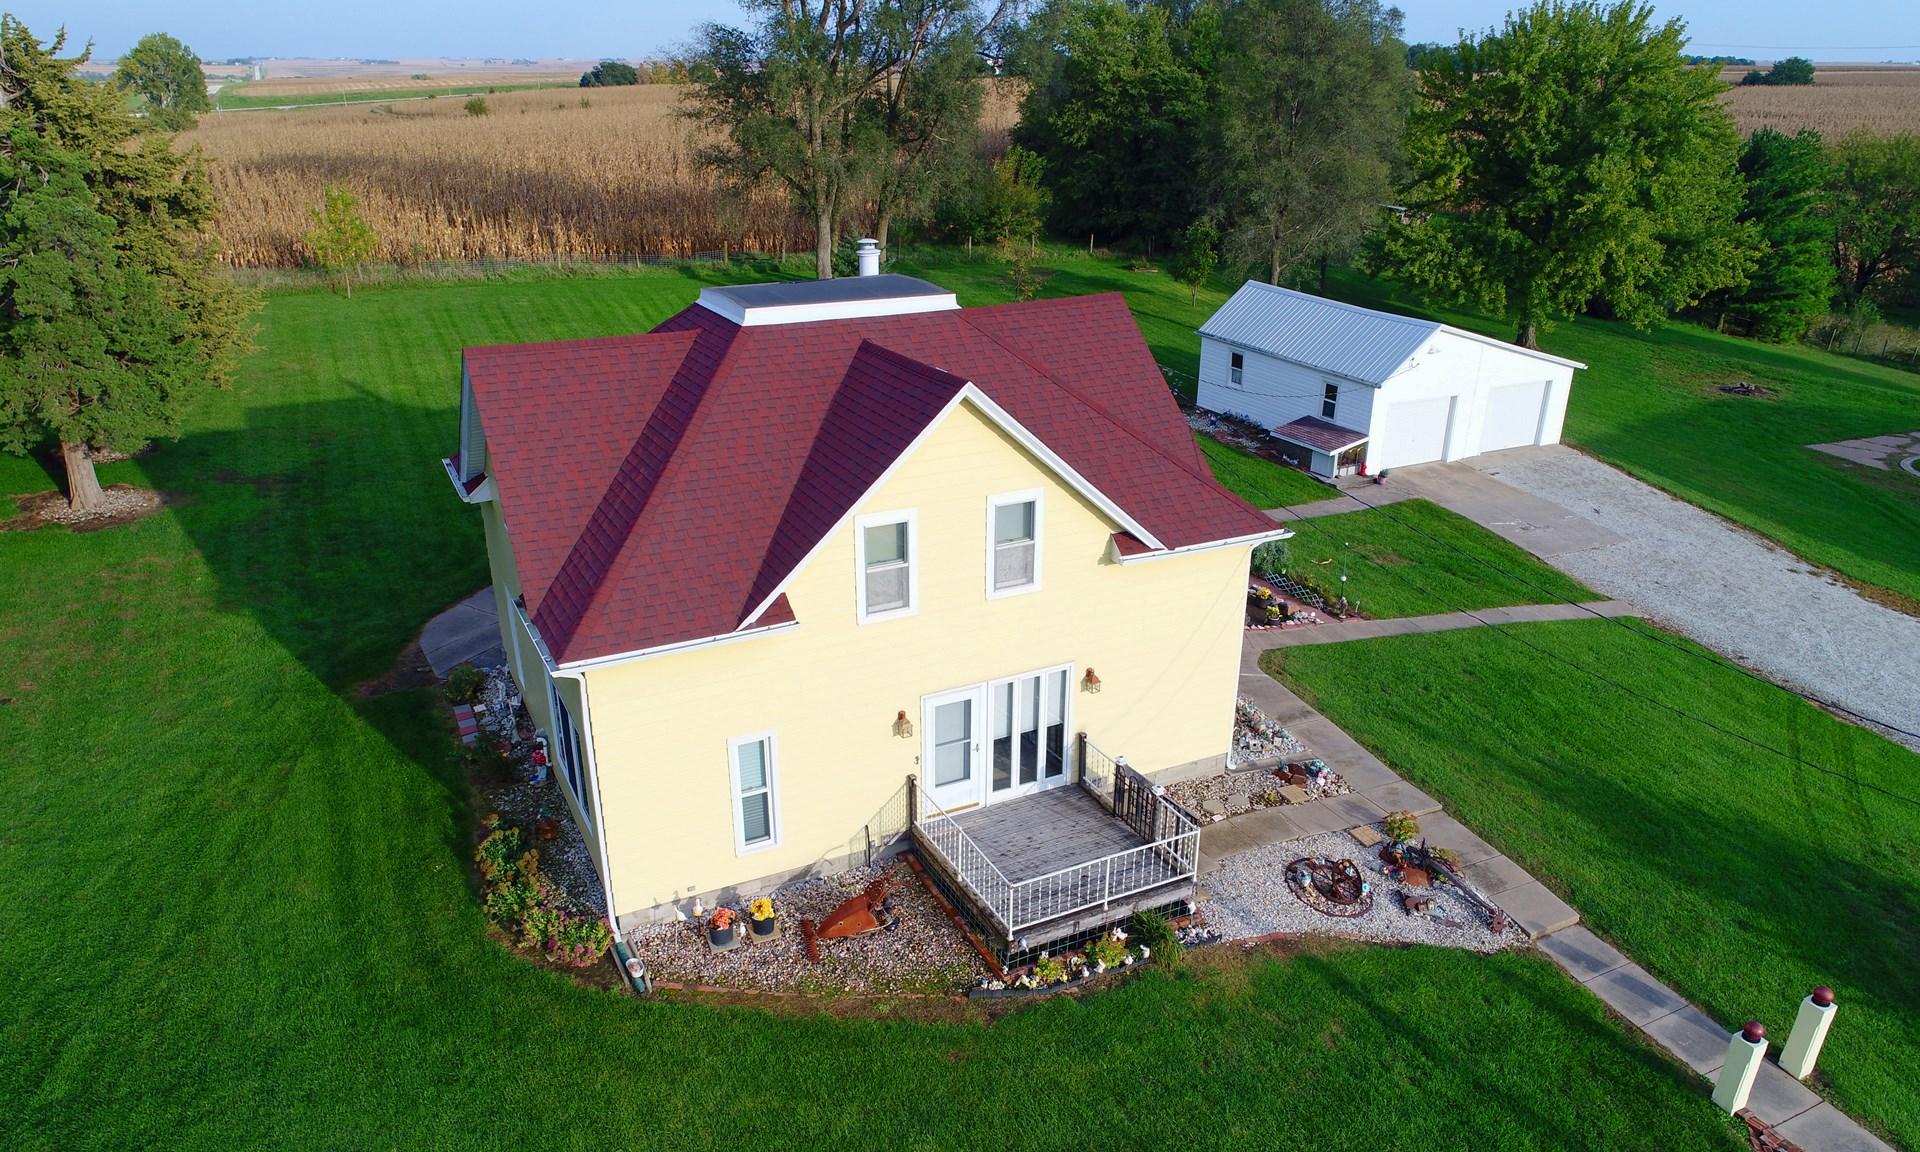 Acreage For Sale Southwest Iowa Treynor District near CB